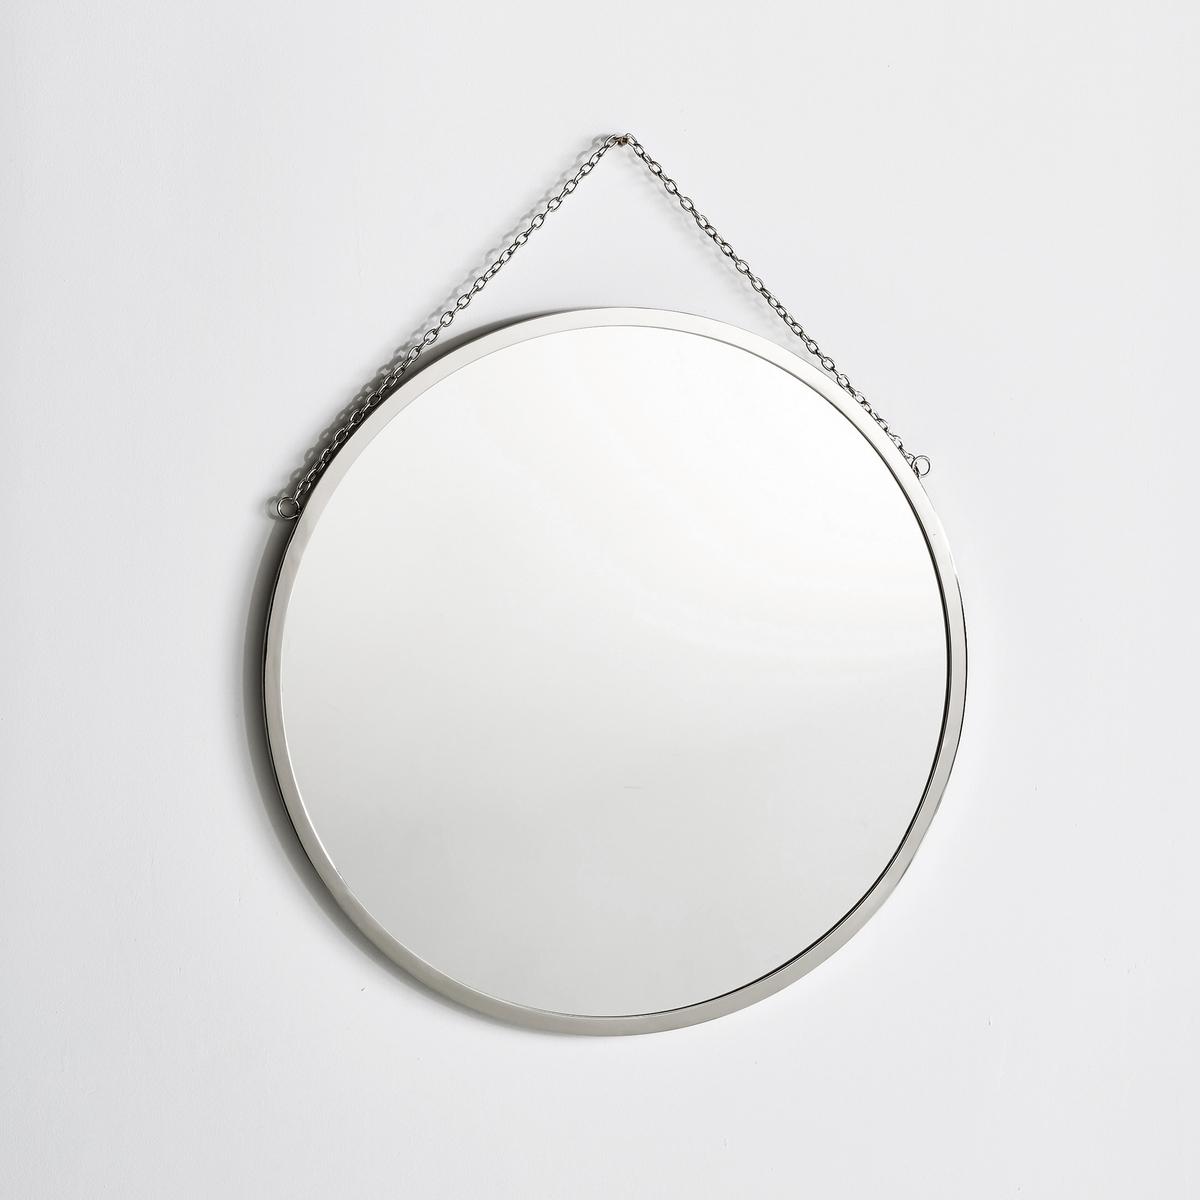 Зеркало круглое ?60 смЗеркало круглое в стиле ретро .Характеристики: :- Рамка из никелированной латуни .- Цепочка-подвеска из металла с никелевым покрытием  .Размеры  :- Диаметр 60 см.<br><br>Цвет: безцветный<br>Размер: единый размер